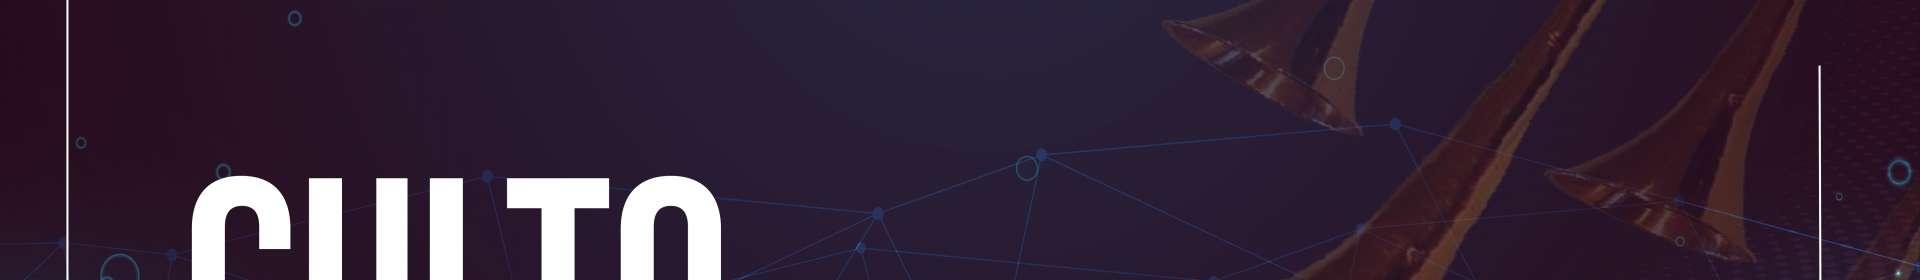 Culto via satélite exibido em 29/03/2020